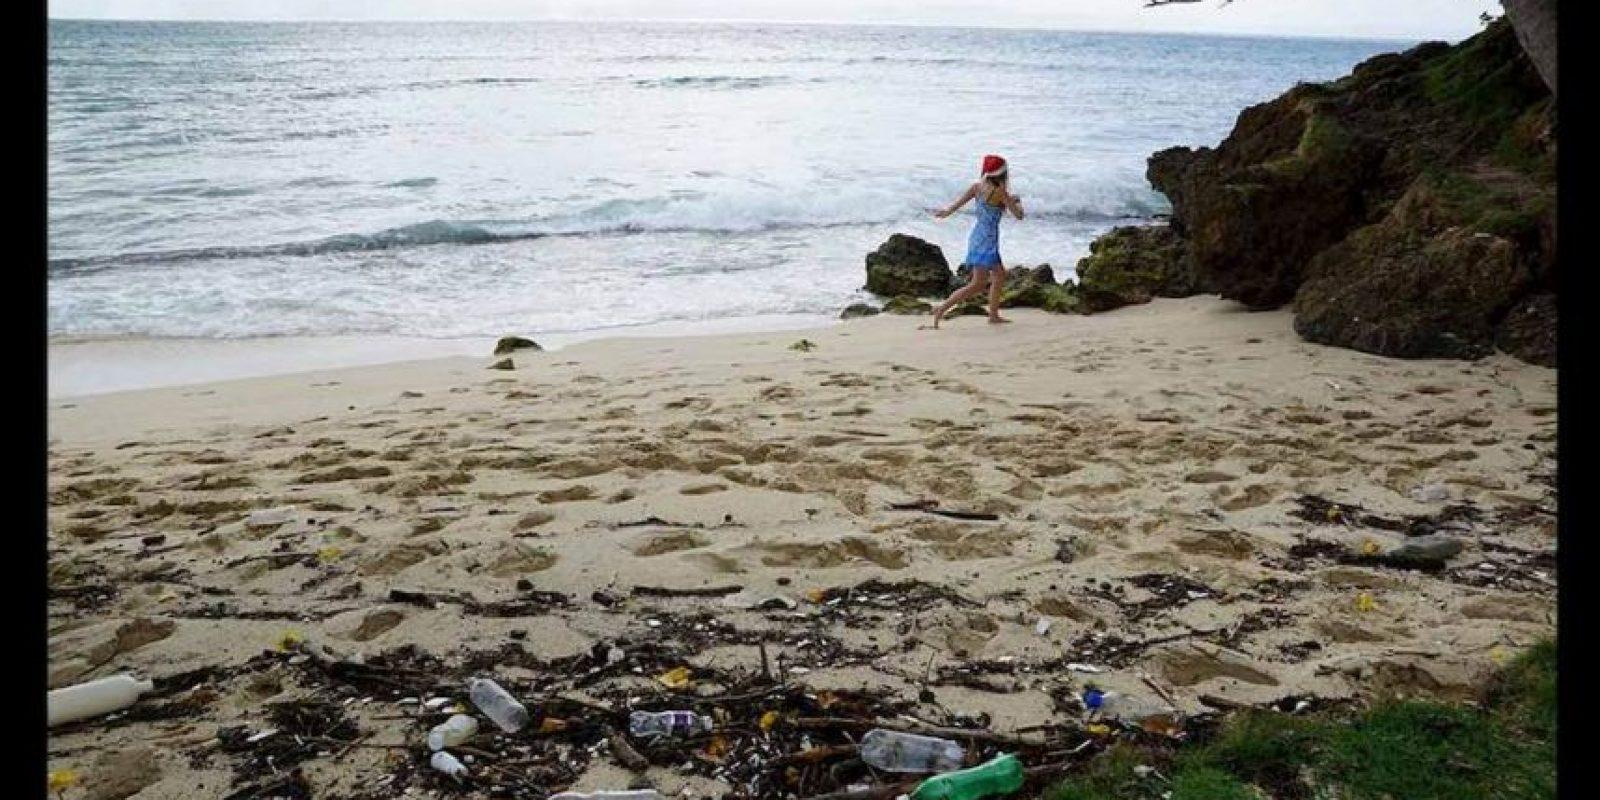 Se calcula que entre 8 y 12 millones de toneladas de plástico terminan en el mar. Foto:Pixabay